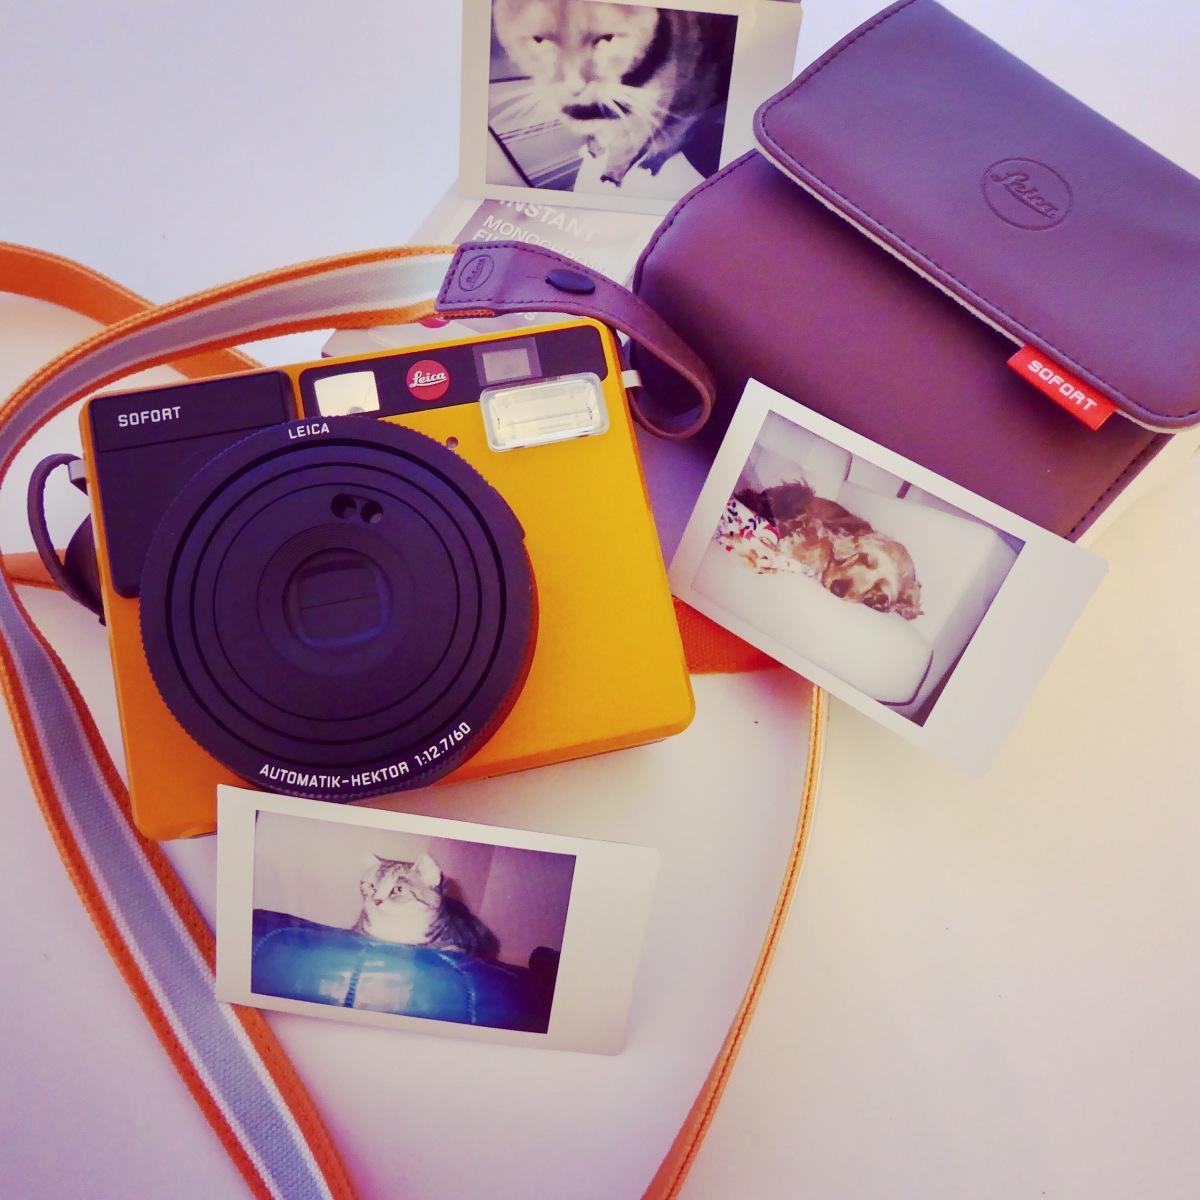 Leica Sofort InstantCamera